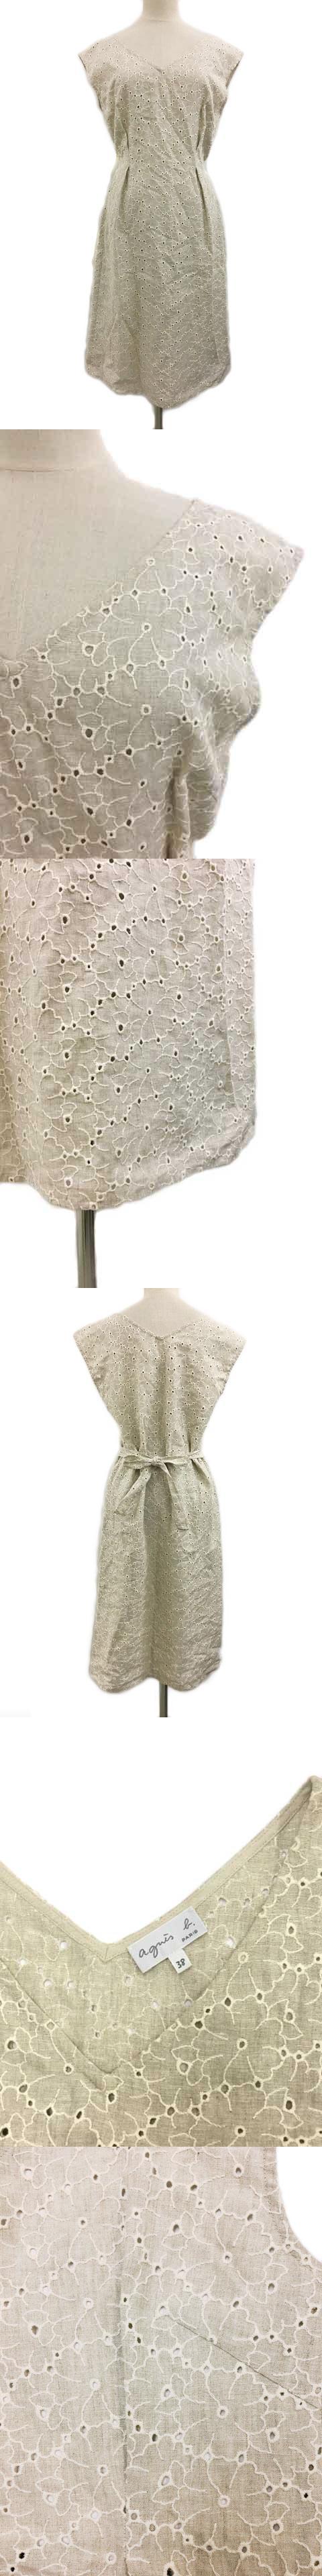 ワンピース 刺繍 ロング 花柄 リネン ノースリーブ 38 ベージュ